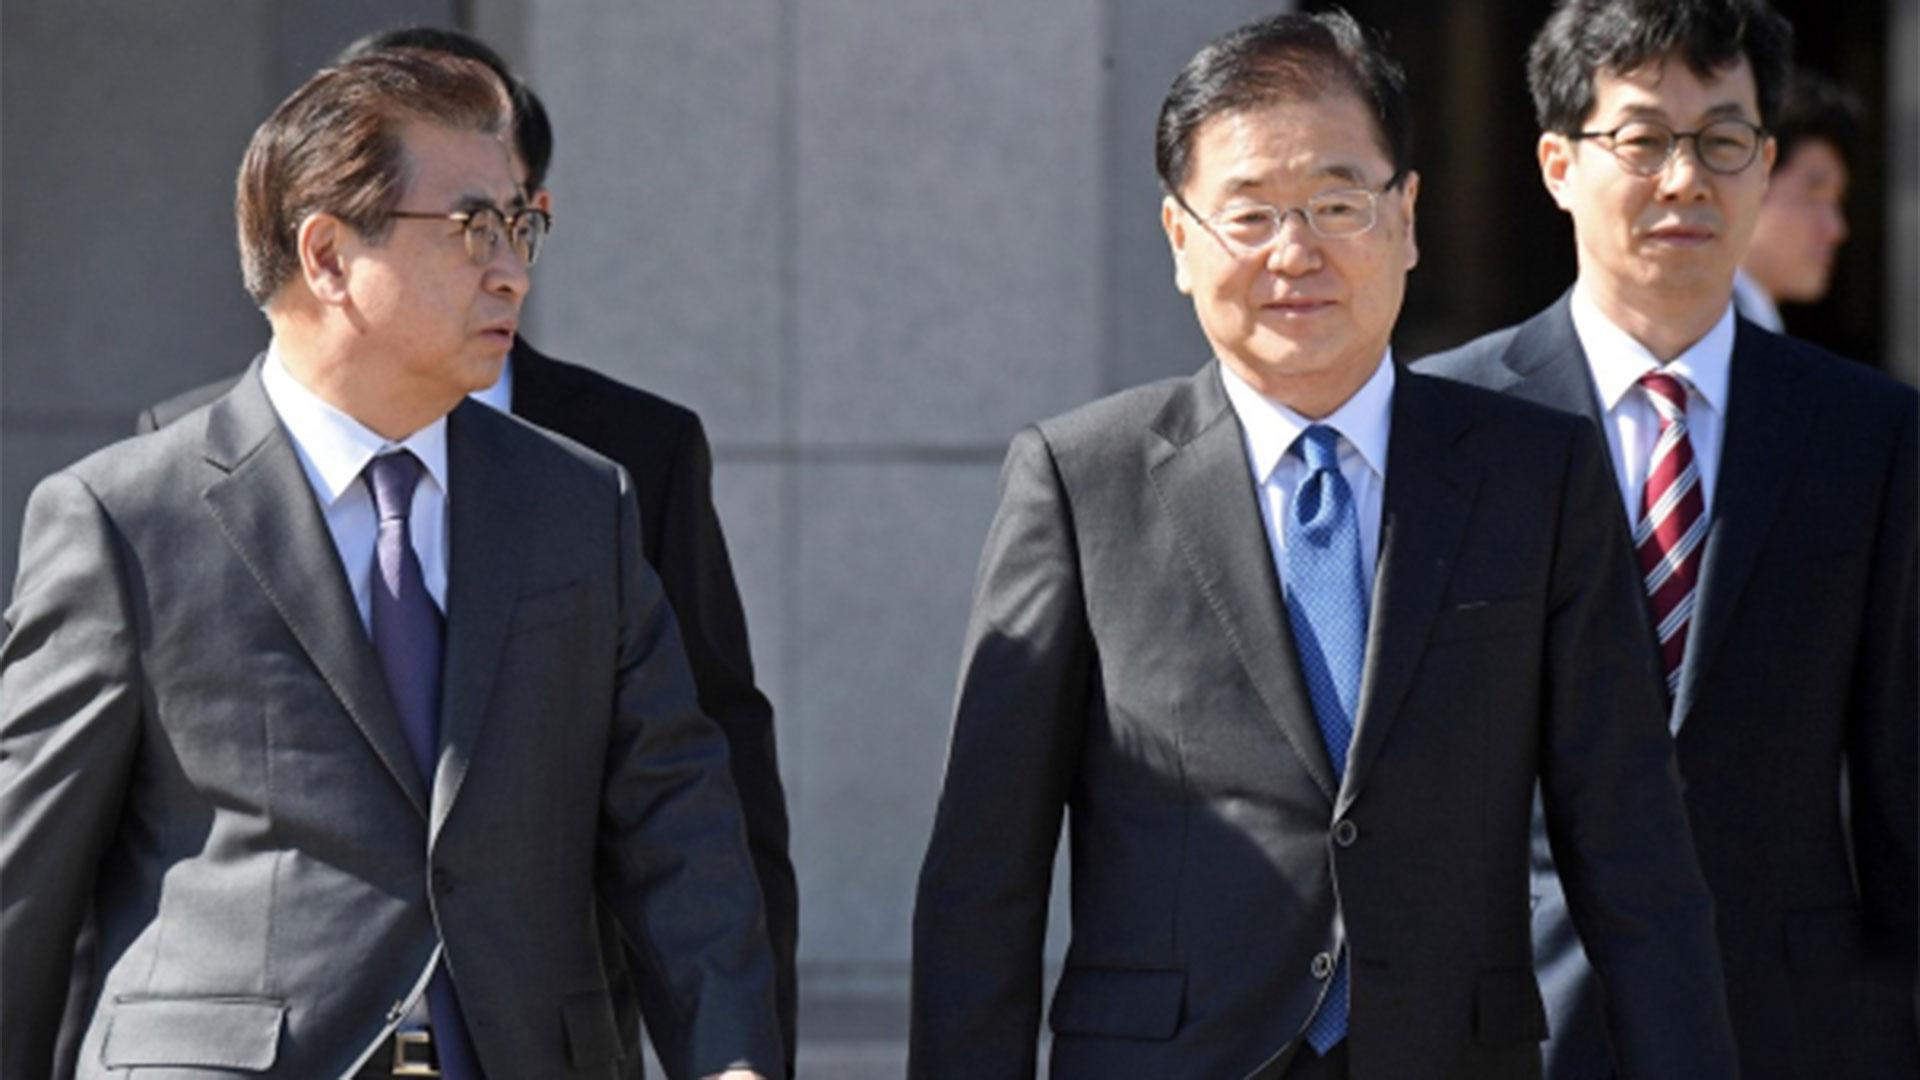 El enviado surcoreano Chung Eui-yong (segundo a la derecha) se reunirá con el Consejero de Seguridad Nacional de los Estados Unidos, H. R. McMaster